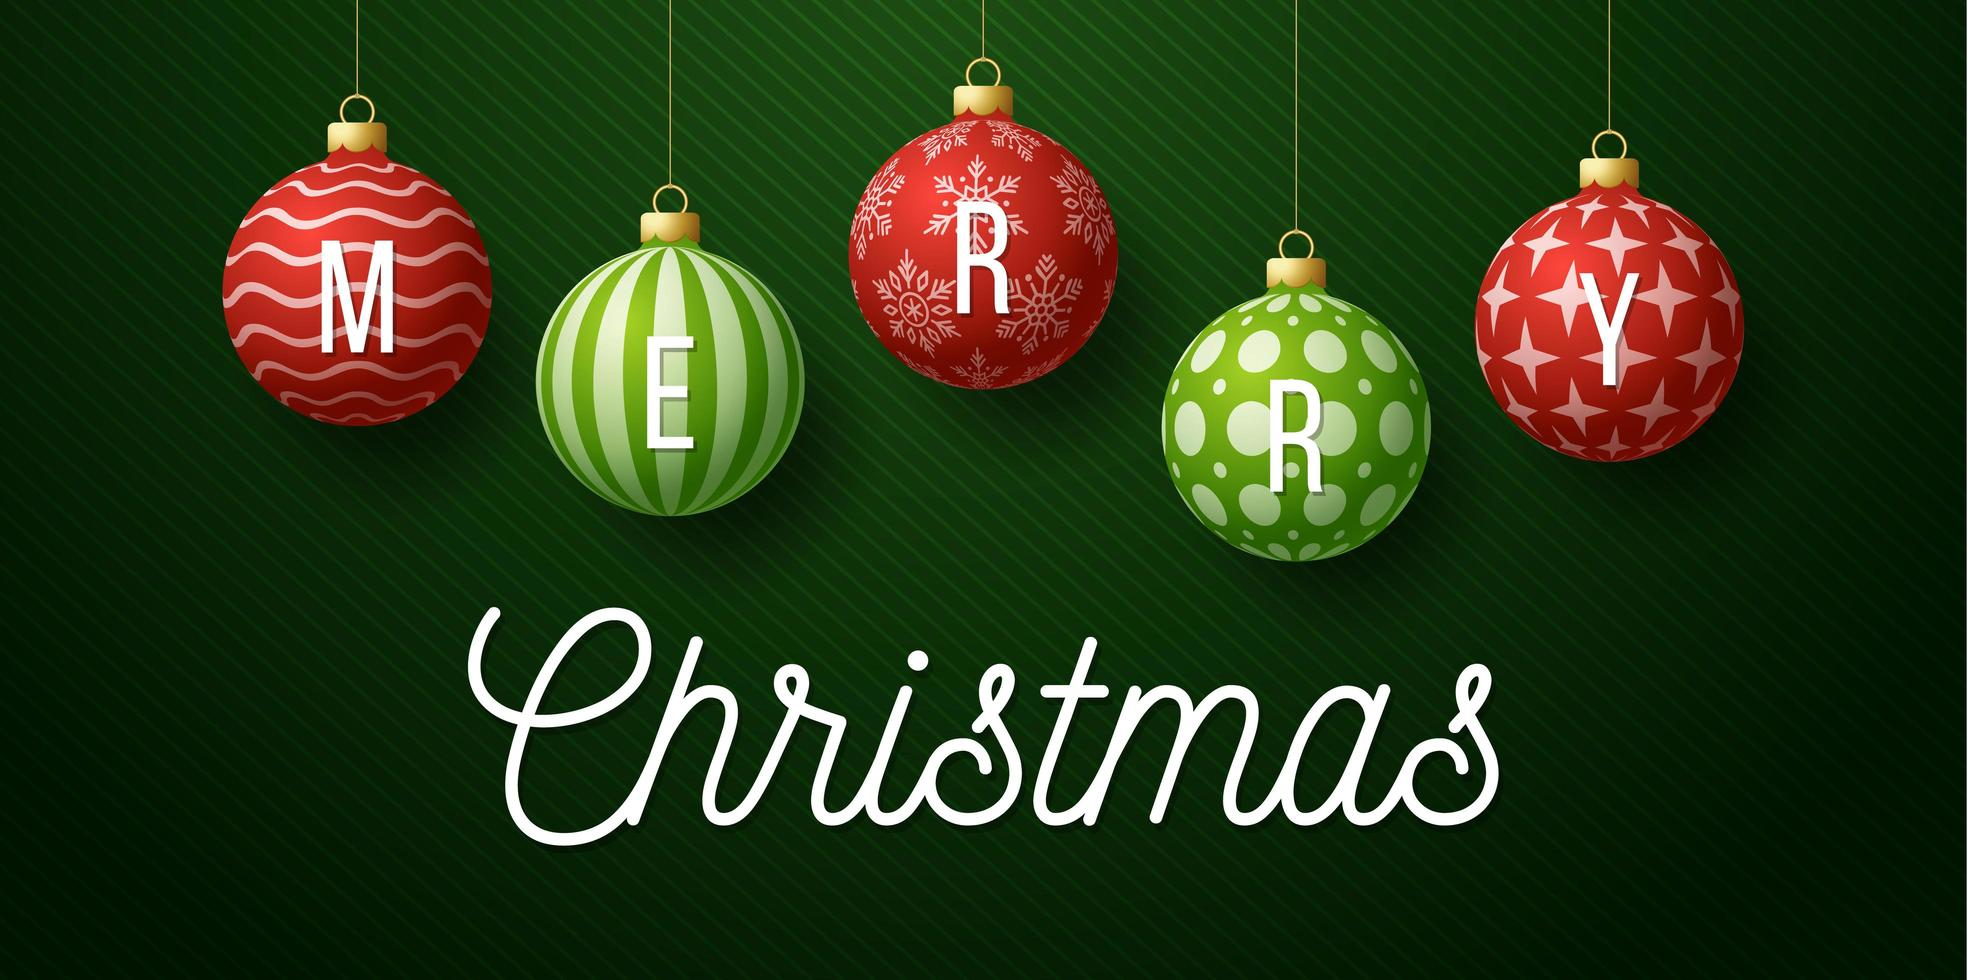 bannière de Noël avec des ornements de boules rouges et vertes ornées vecteur